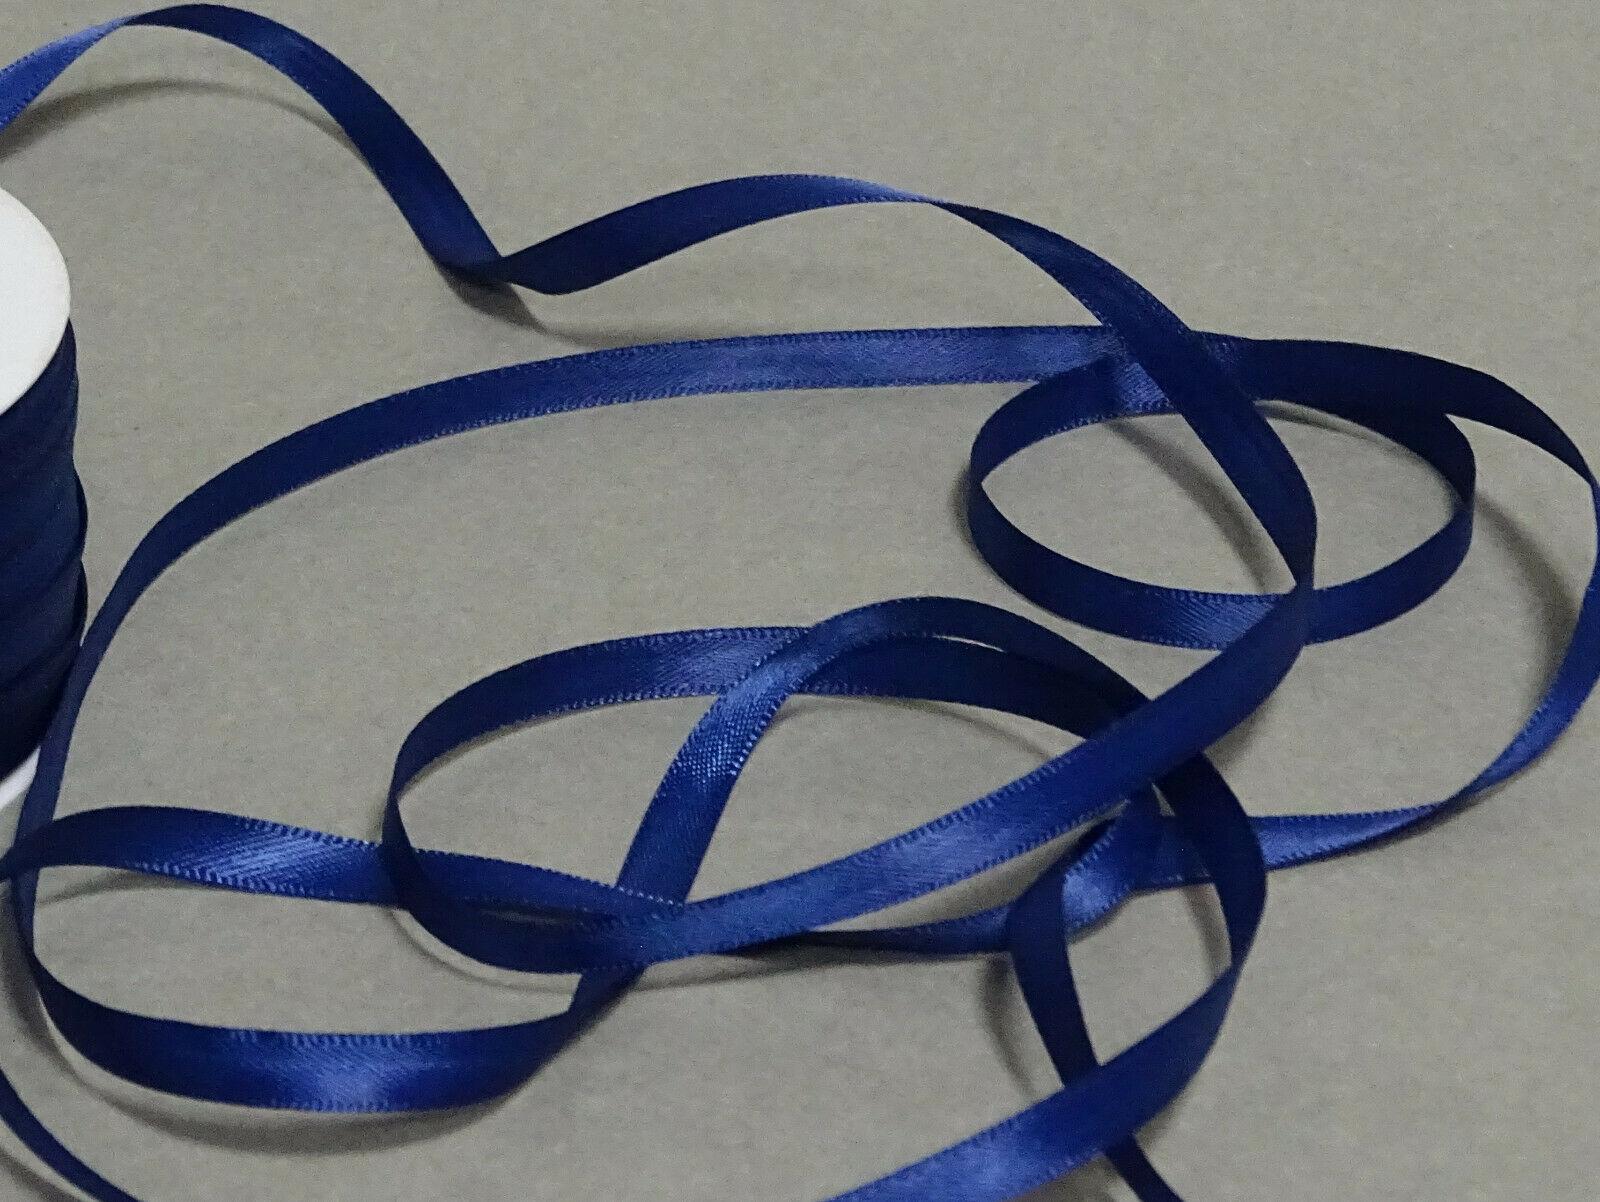 Satinband Schleifenband 50m x 3mm / 6mm Dekoband ab 0,05 €/m Geschenkband Rolle - Blau 120, 6 mm x 50 m